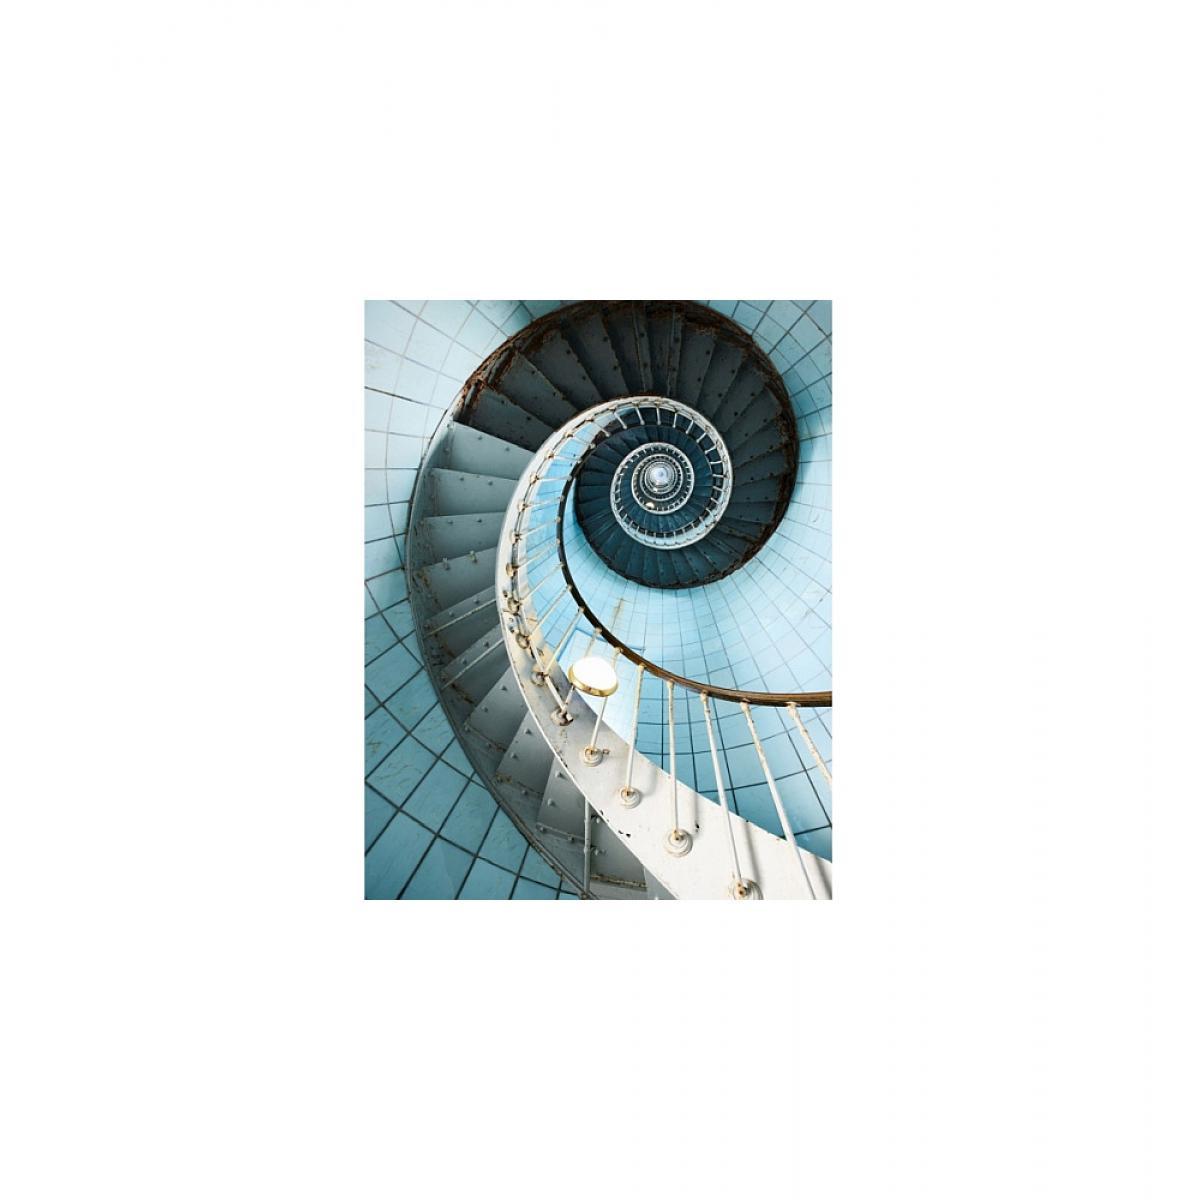 Ac-Deco Tableau en verre - Stairs II - L 80 cm x H 120 cm